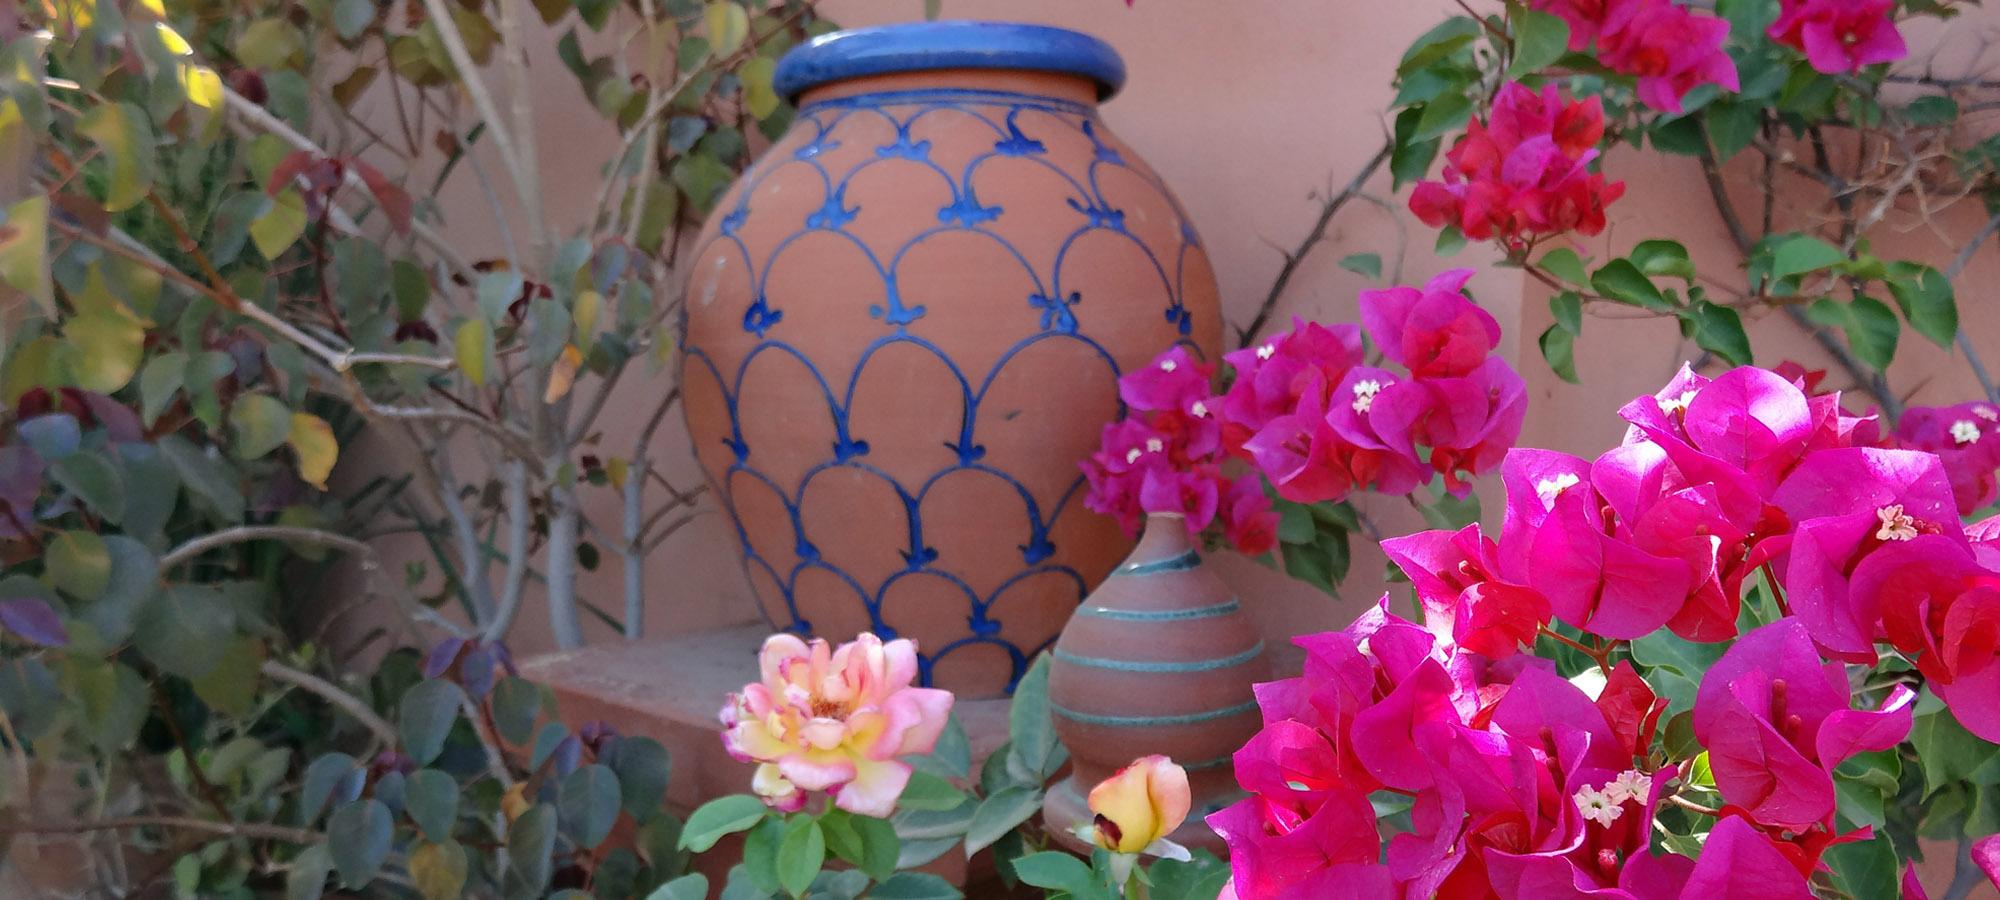 1. Gallery Terrace Terracotta